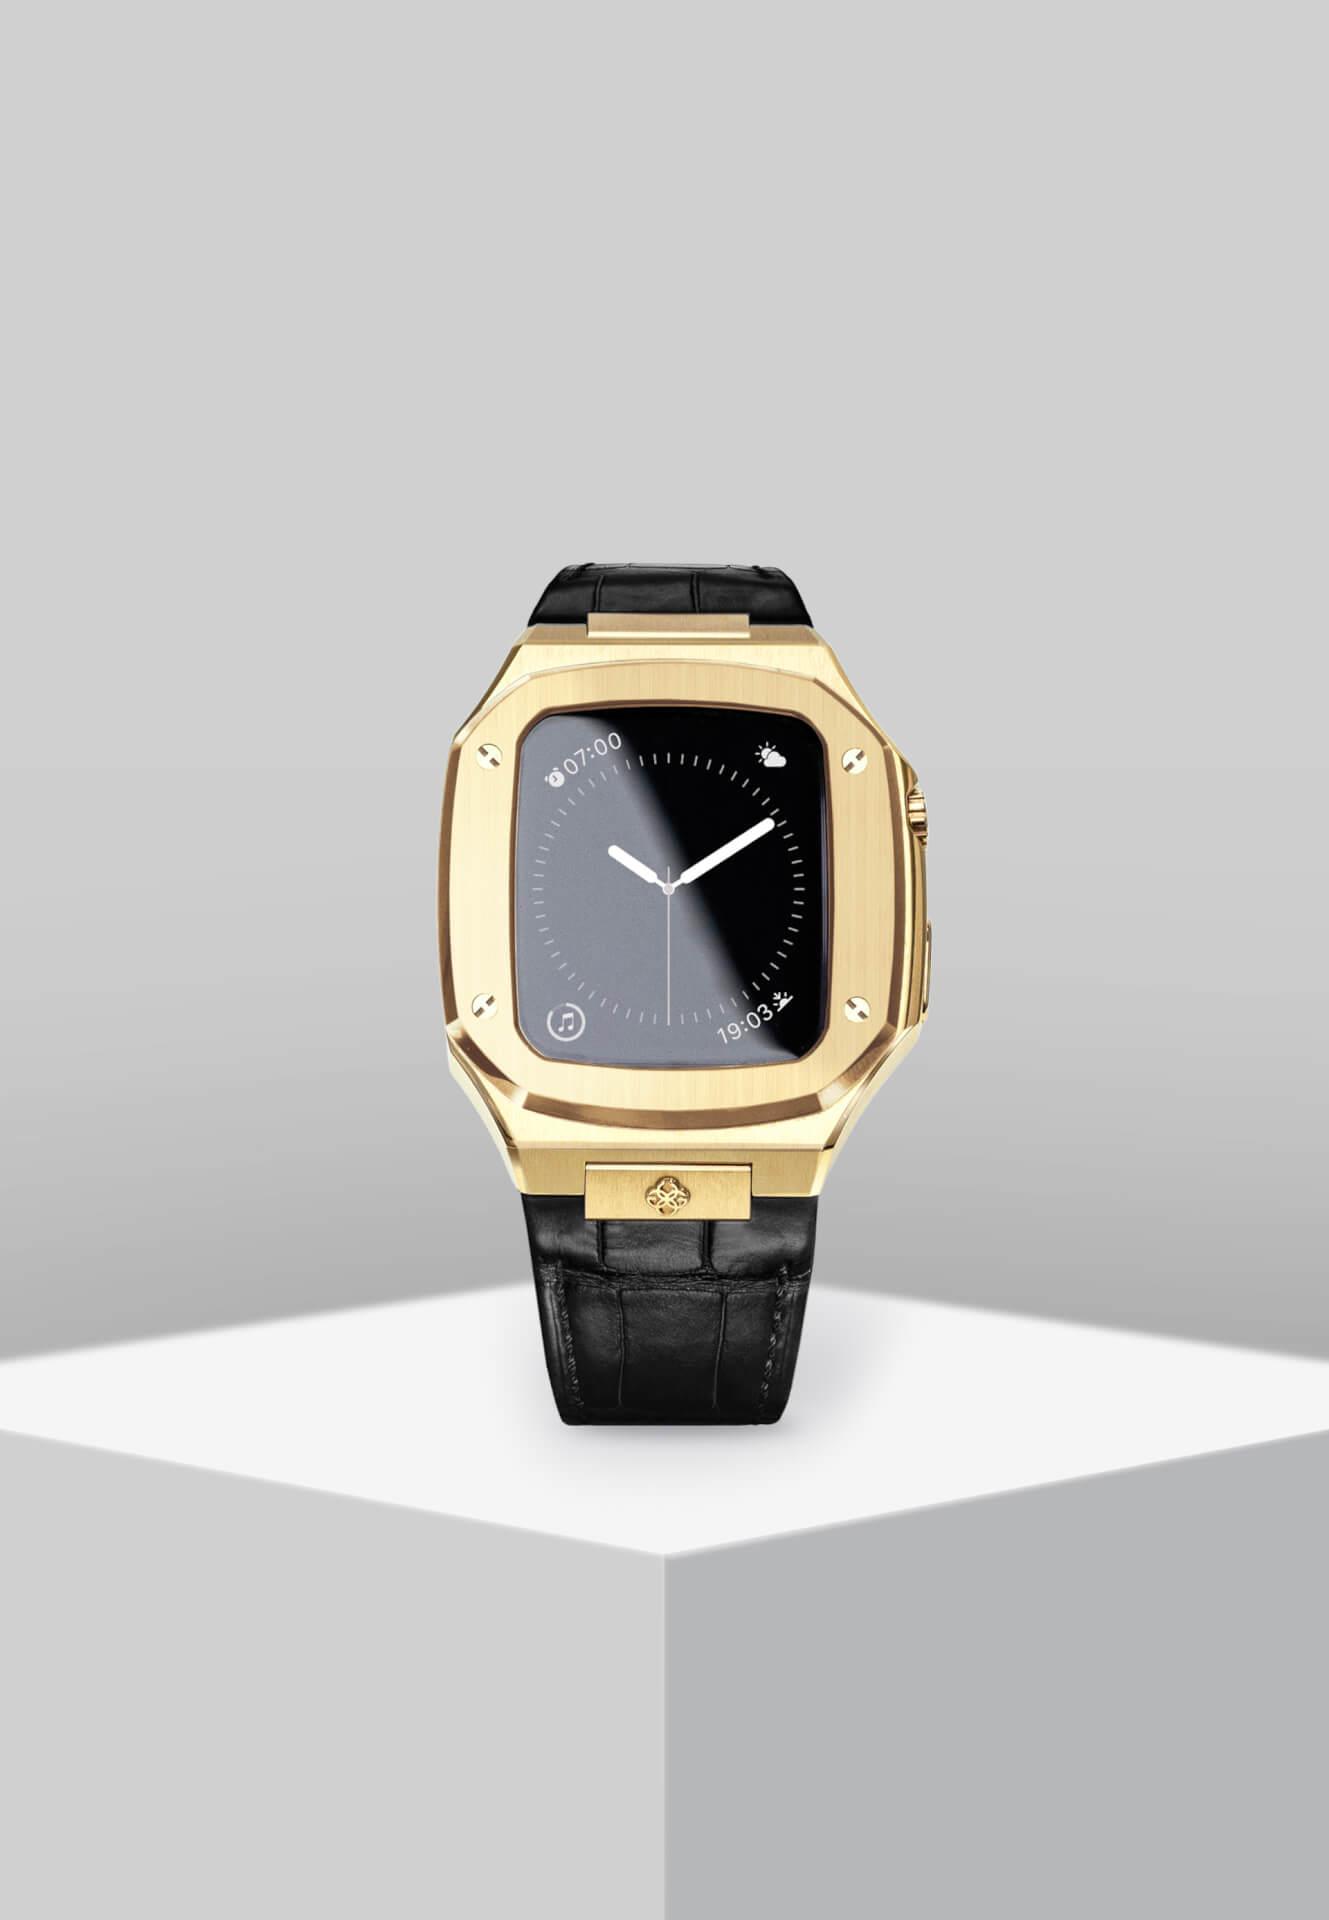 高級感漂うGOLDEN CONCEPTのApple Watchケースに待望の40mm用新コレクションが登場!ホワイト、イエローなどの新カラーがラインナップ tech201124_applewatch_case_2